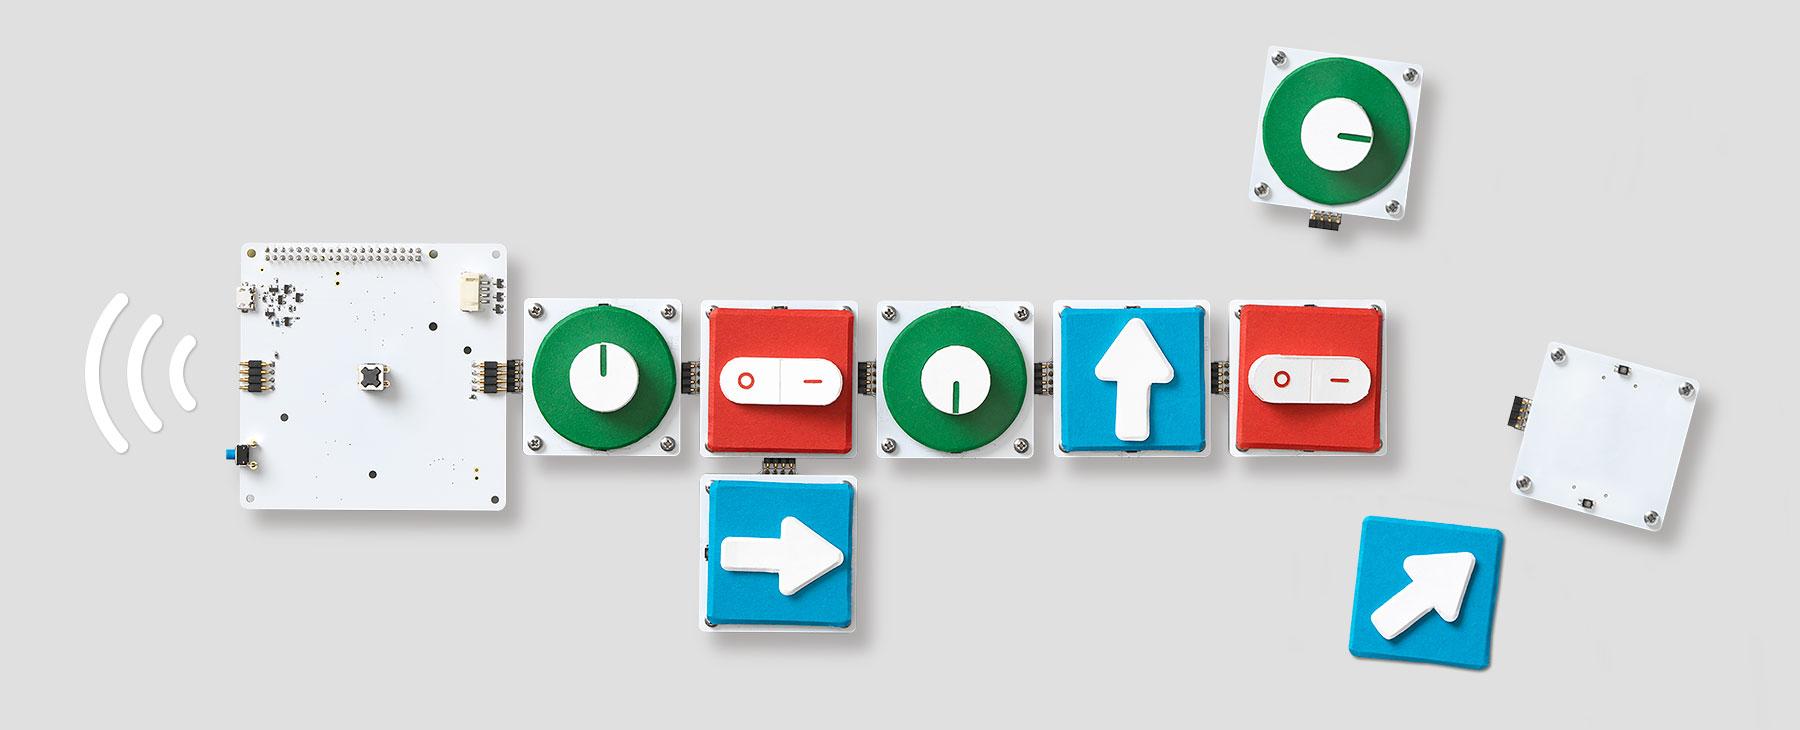 """گوگل در وب سایت مربوط به Project Bloks در رابطه با اینکه چه چیزهایی تا این لحظه توسعه داده شده آورده است که """"ما تا این لحظه به منظور آموزش برنامه نویسی ملموس و قابل درک، یک سیستم ماژولار ایجاد کرده ایم که از بوردهای الکترونیکی و قطعات (پاک، Puck) قابل برنامه ریزی (Pucks) تشکیل شده است. این سیستم به شما امکان این را می دهد که بعد از اتصال آن ها به یکدیگر دستورالعمل های مختلفی را به دستگاه ها ارسال کنید."""""""